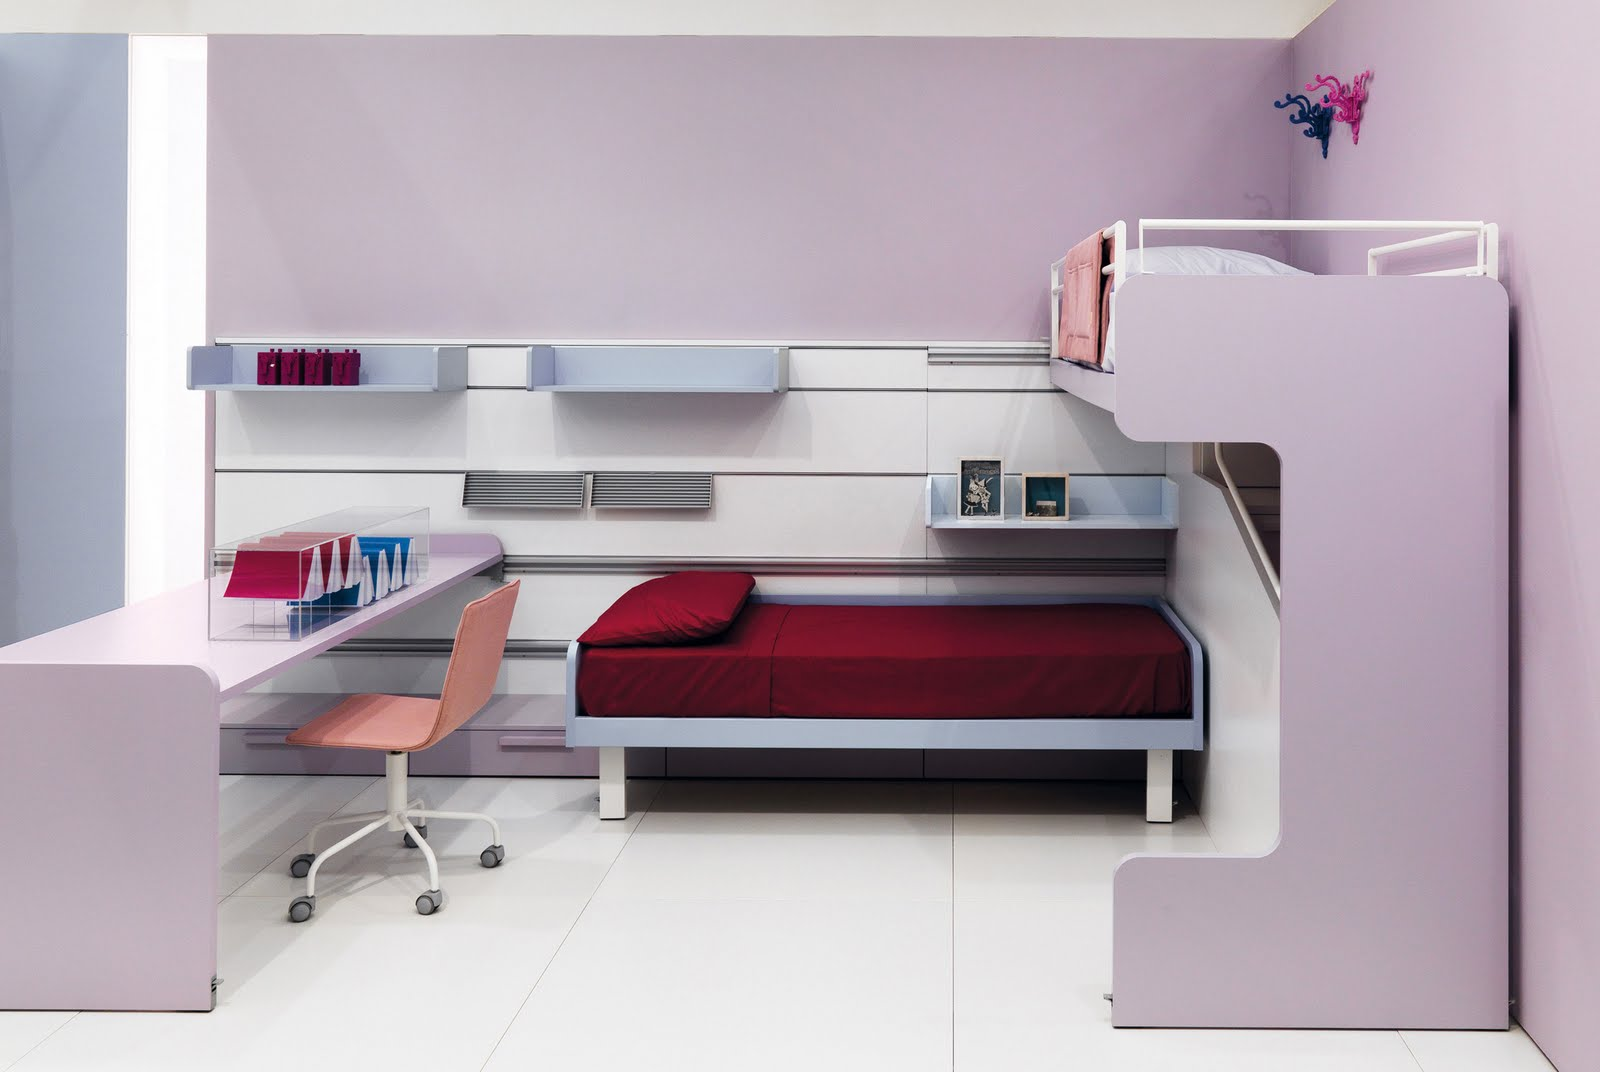 Decora el hogar dormitorios modernos y juveniles - Dormitorio juvenil decoracion ...